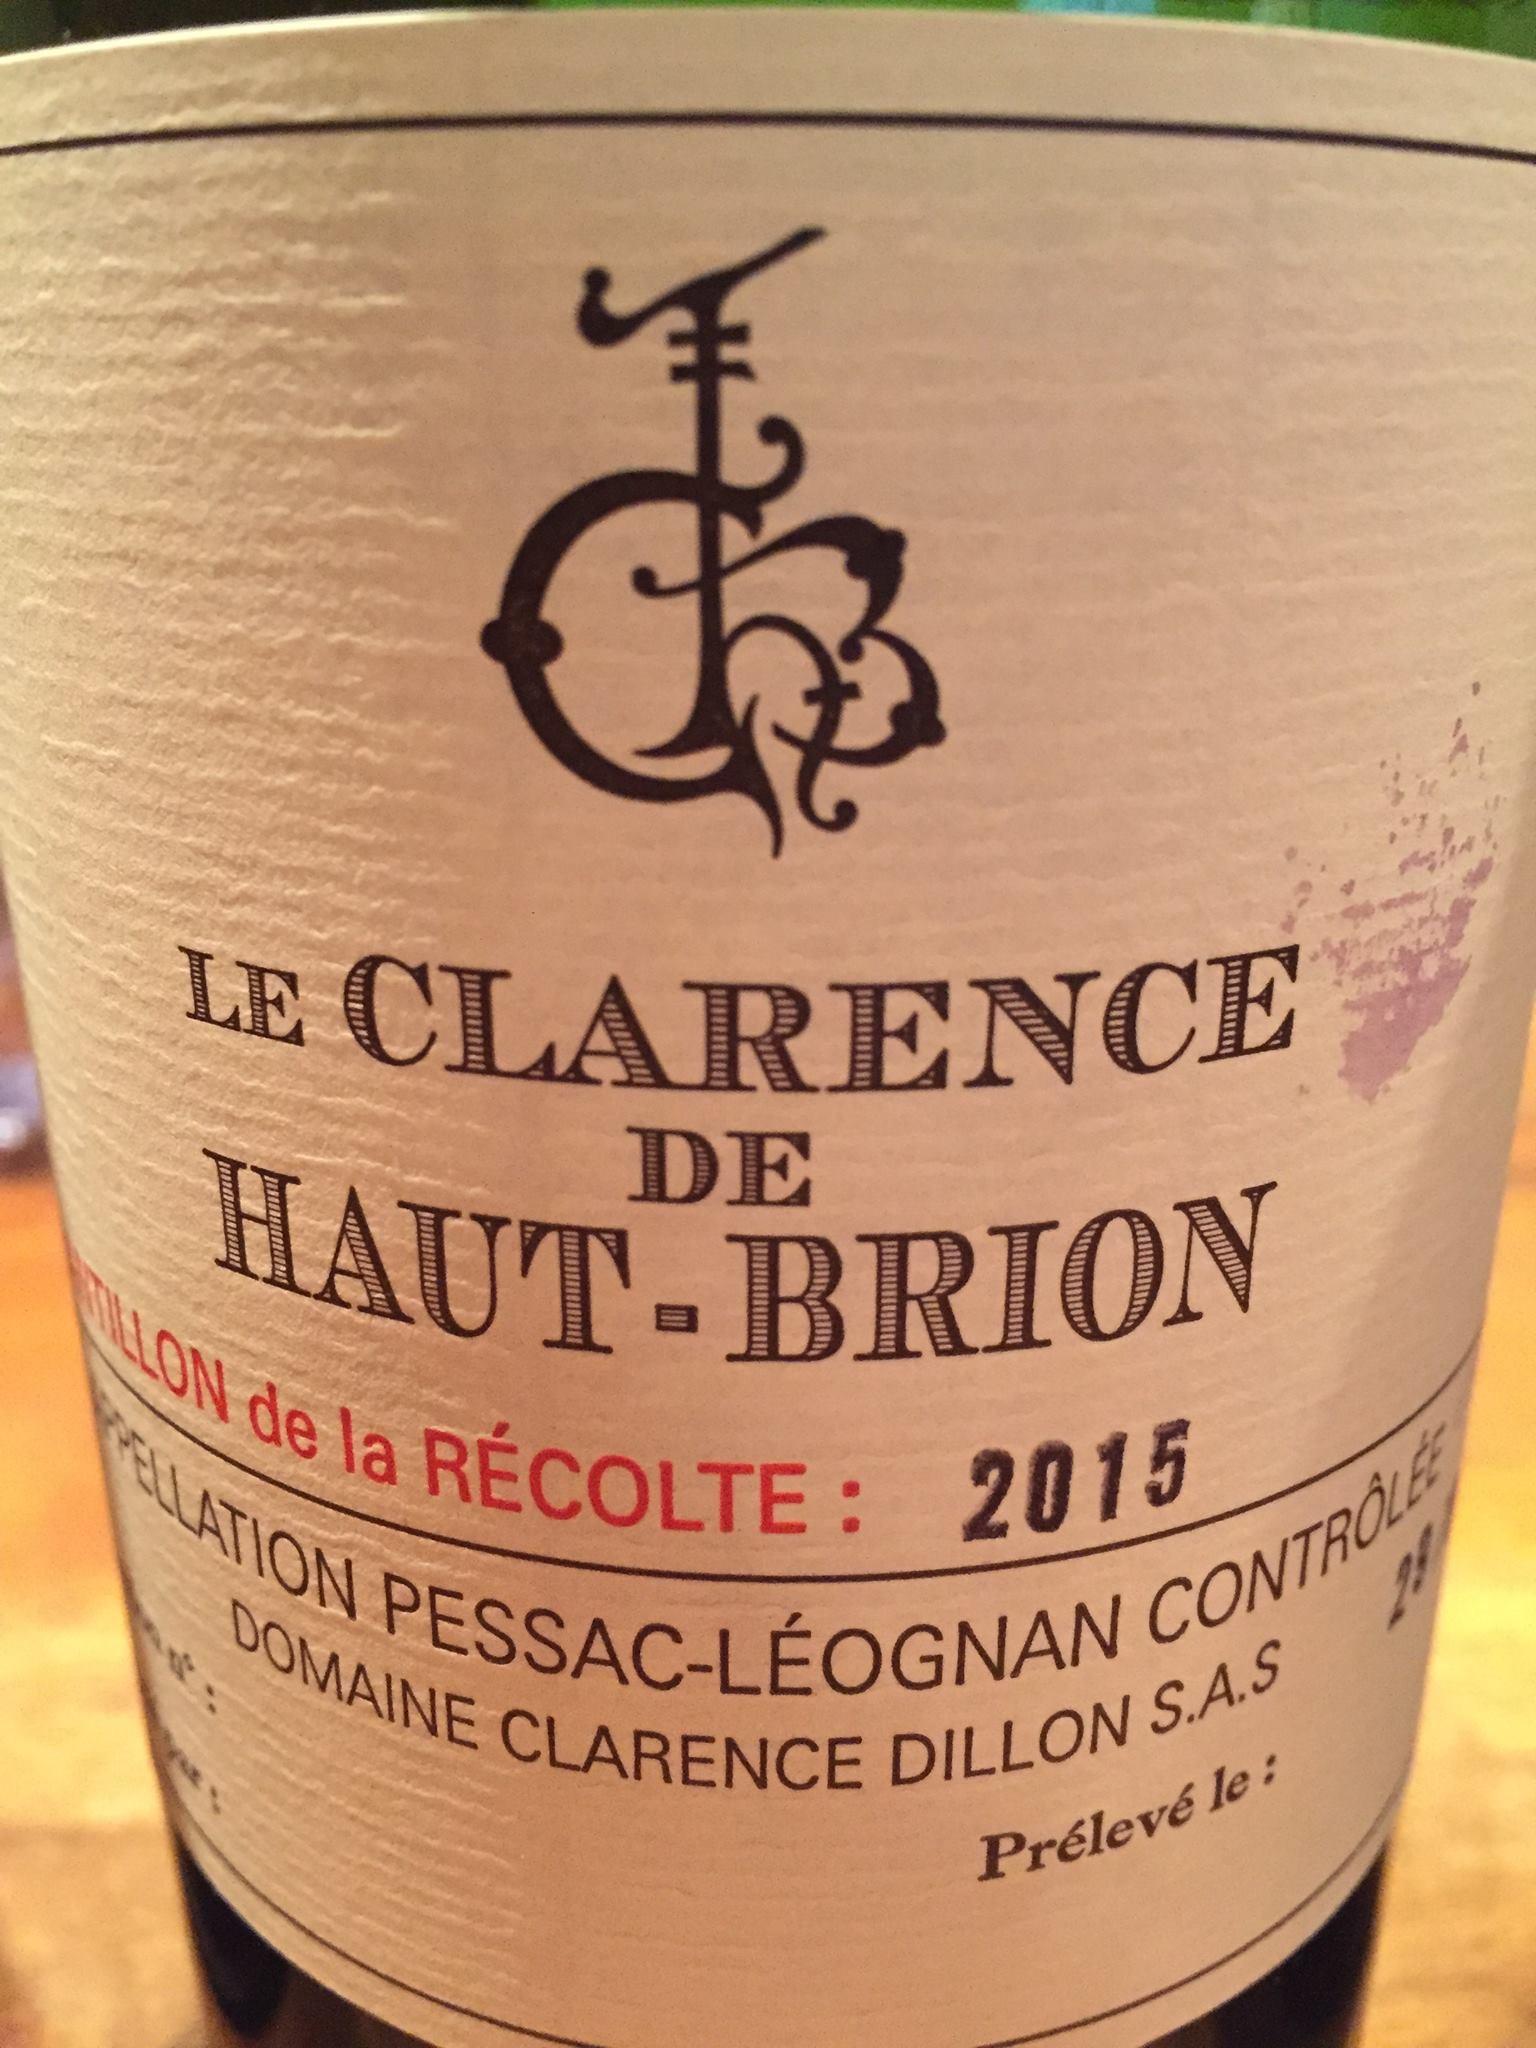 Le Clarence de Haut-Brion 2015 – Pessac-Léognan